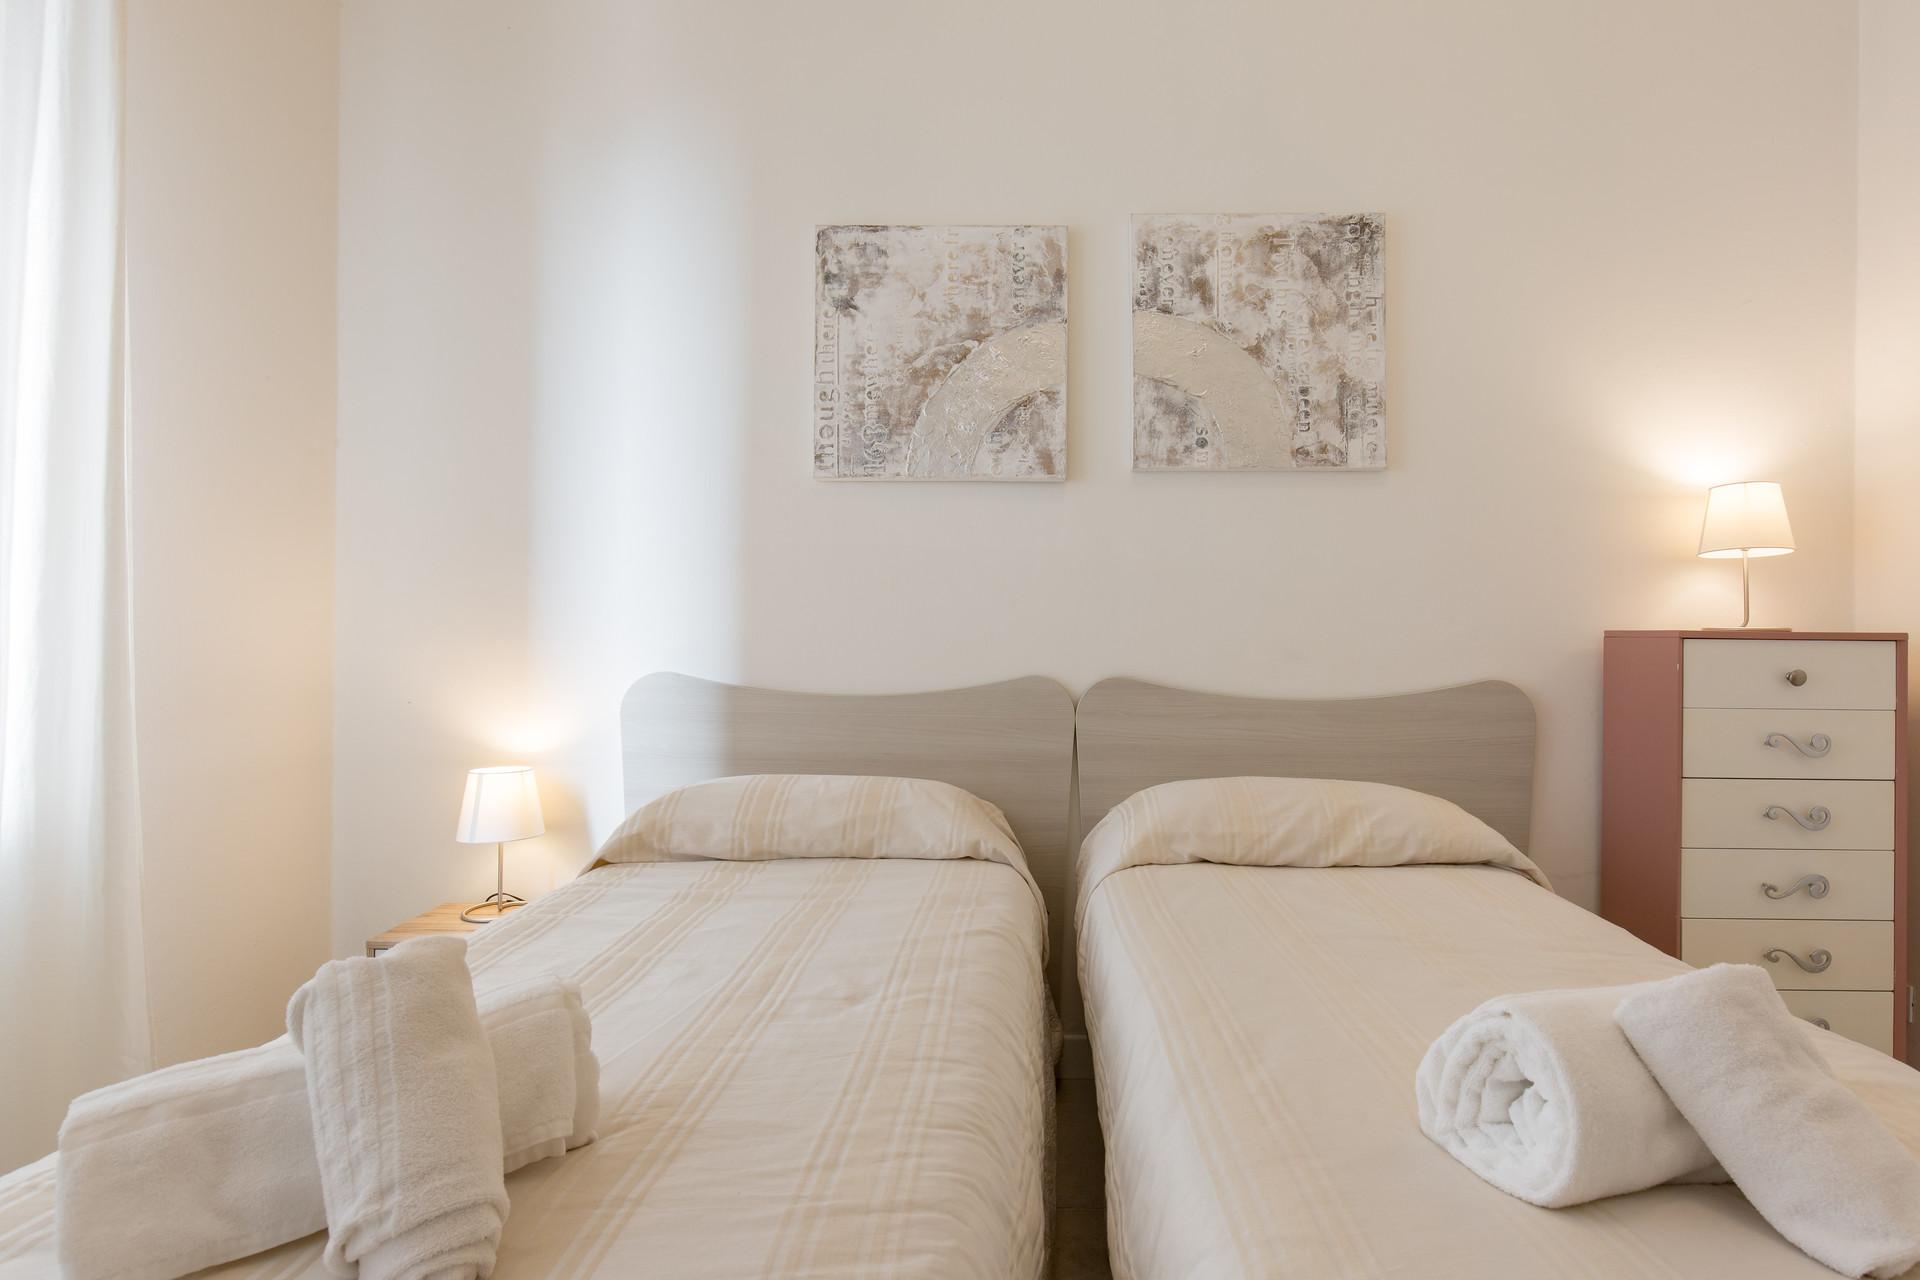 trilocale in borgo roma vicinanze centro 2 camere da letto 1 bagno 1 cucina